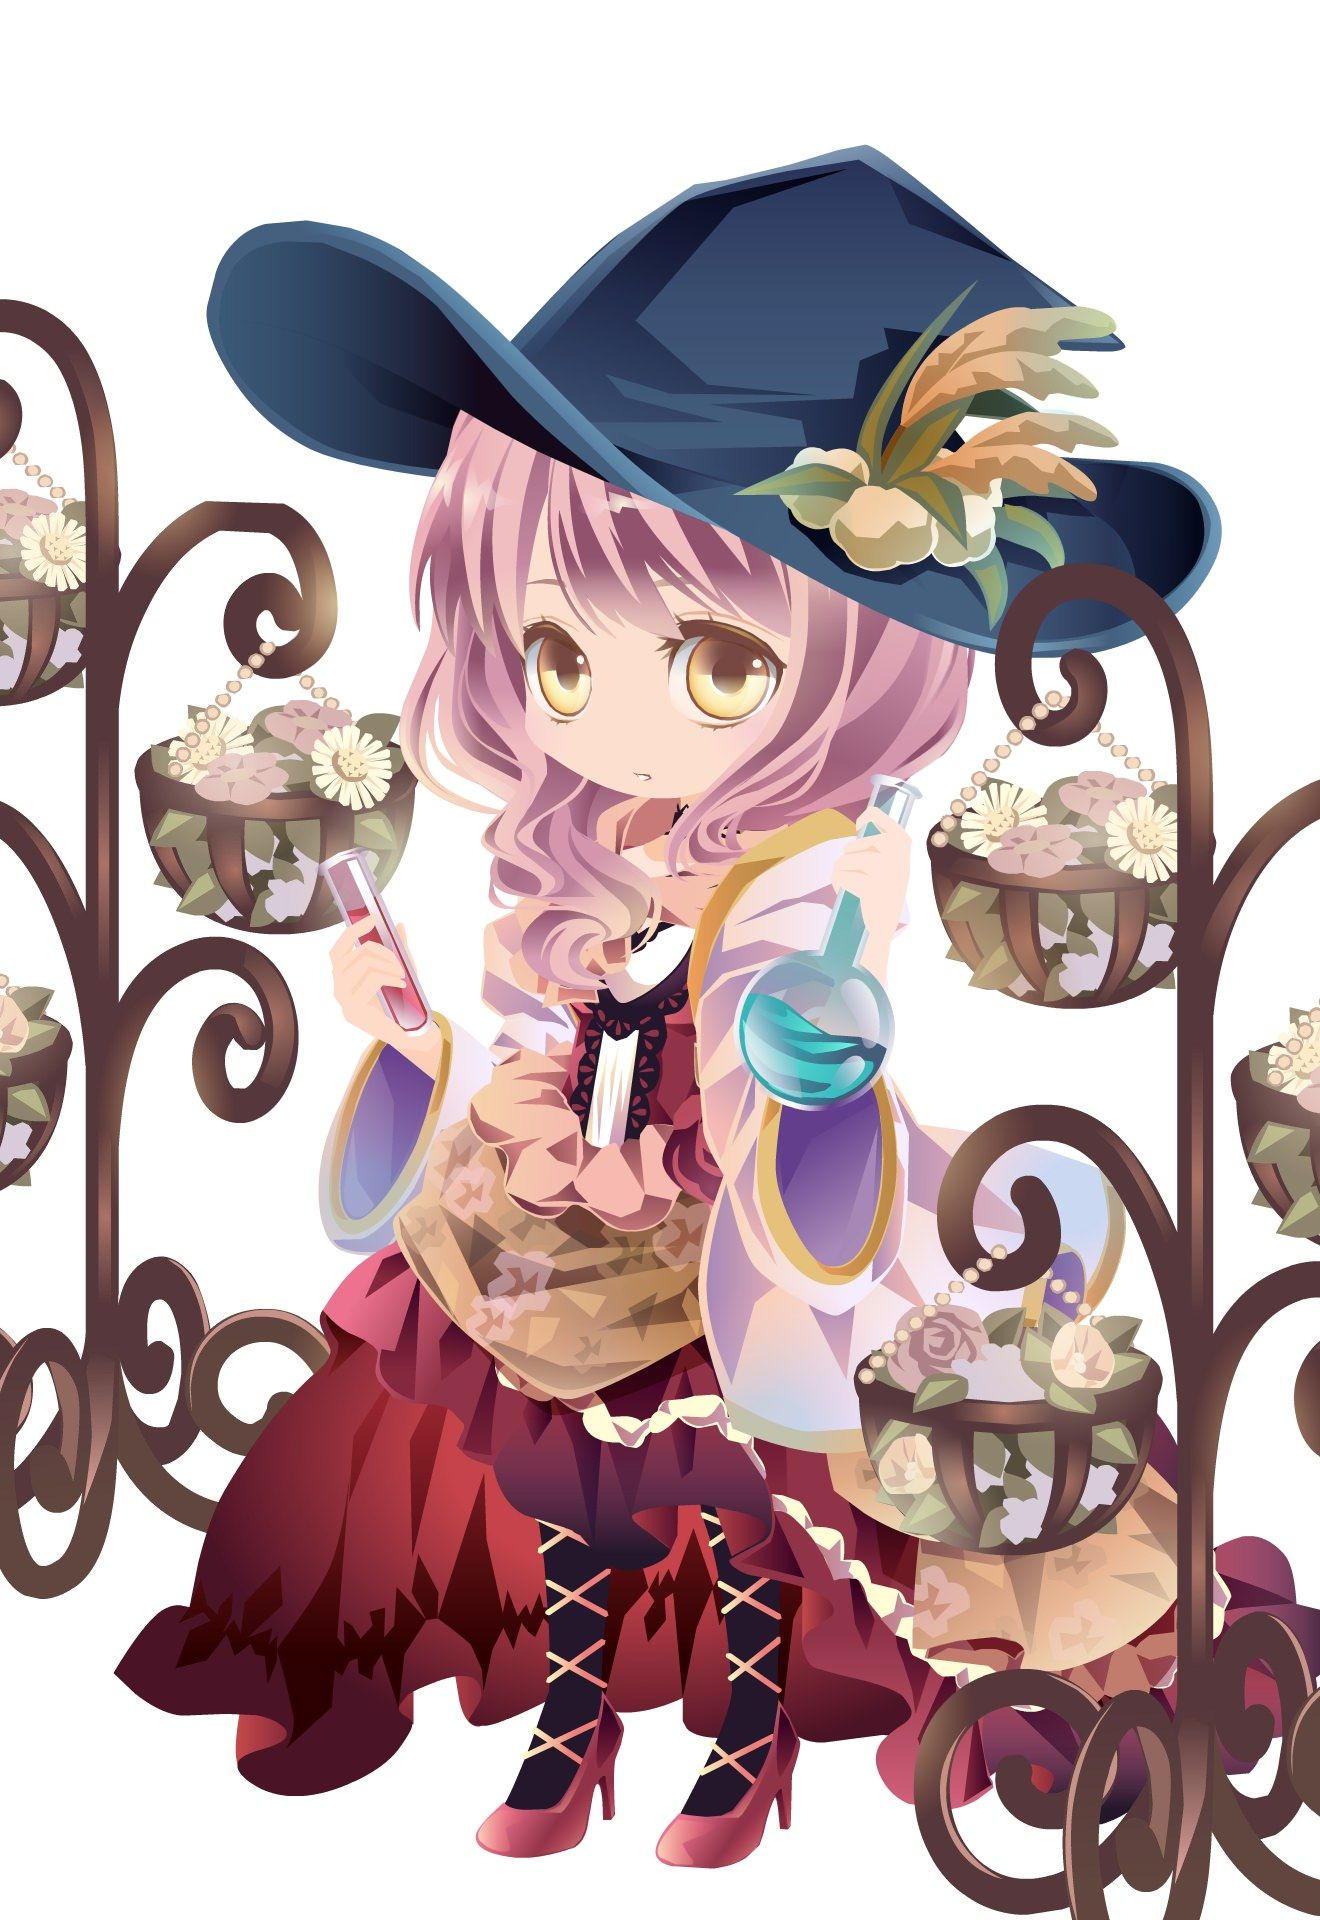 魔女のお手伝い @games -アットゲームズ-